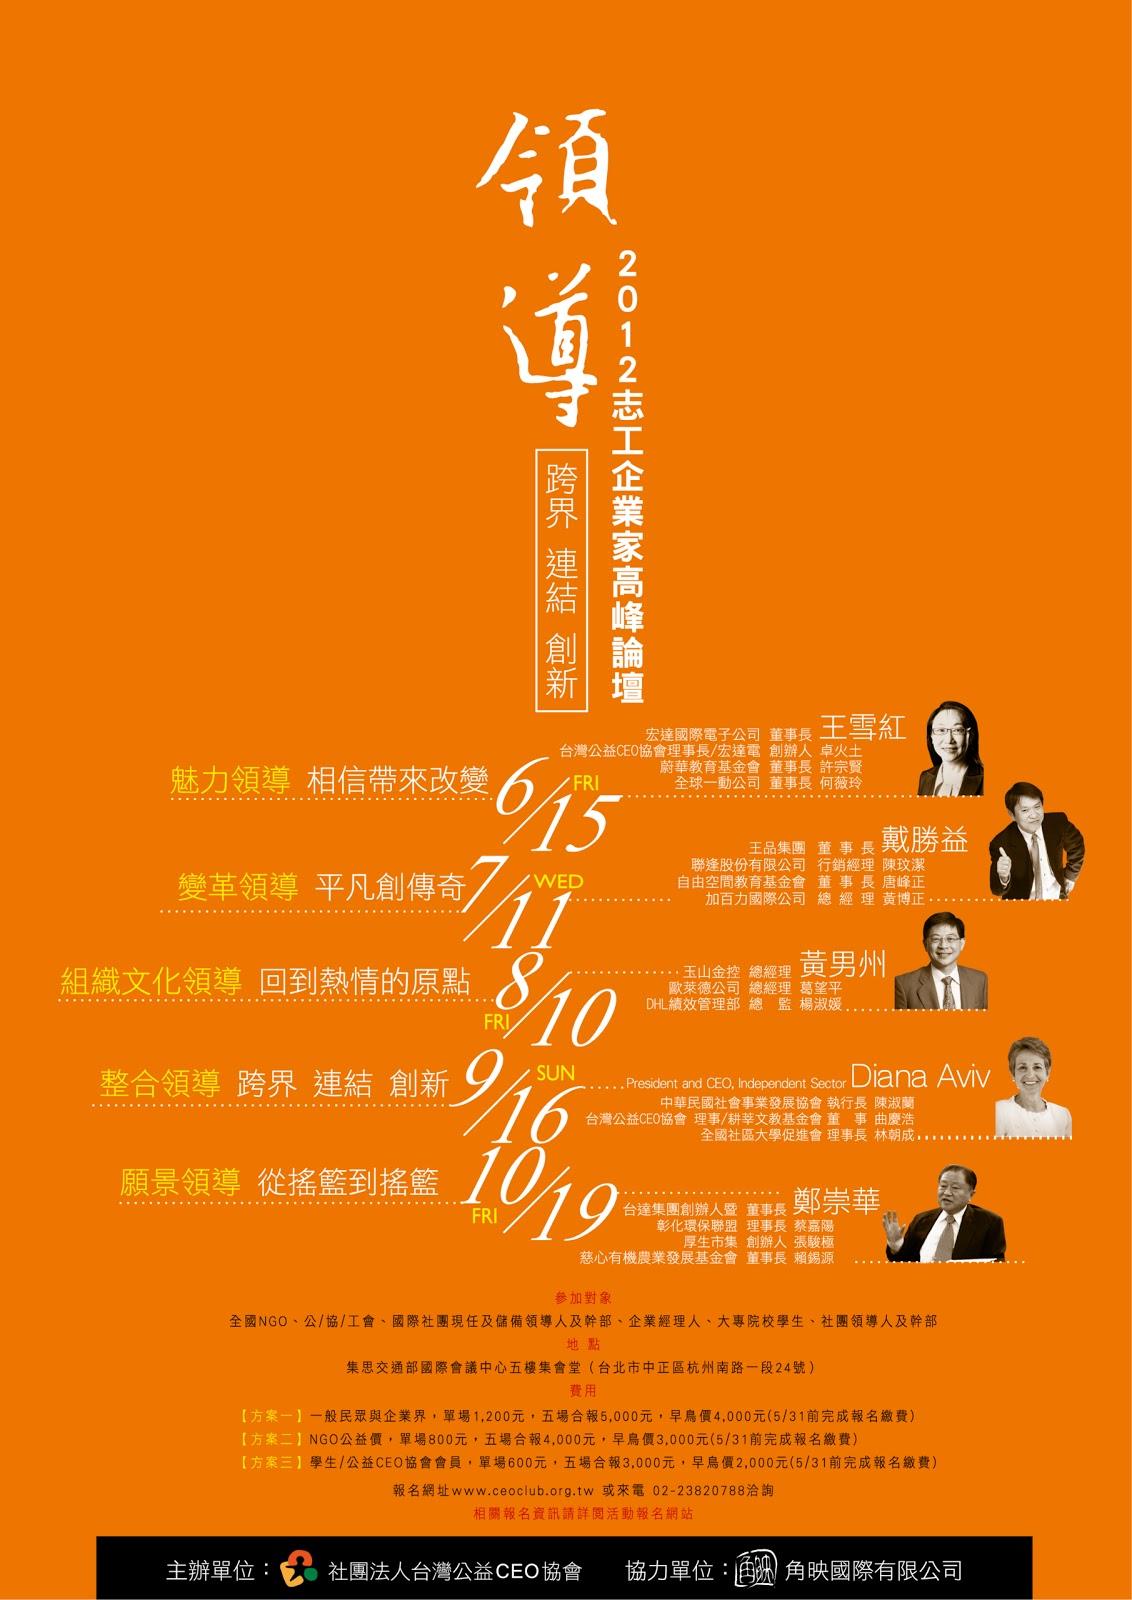 臺灣公益CEO協會: 志工企業家高峰論壇 活動海報